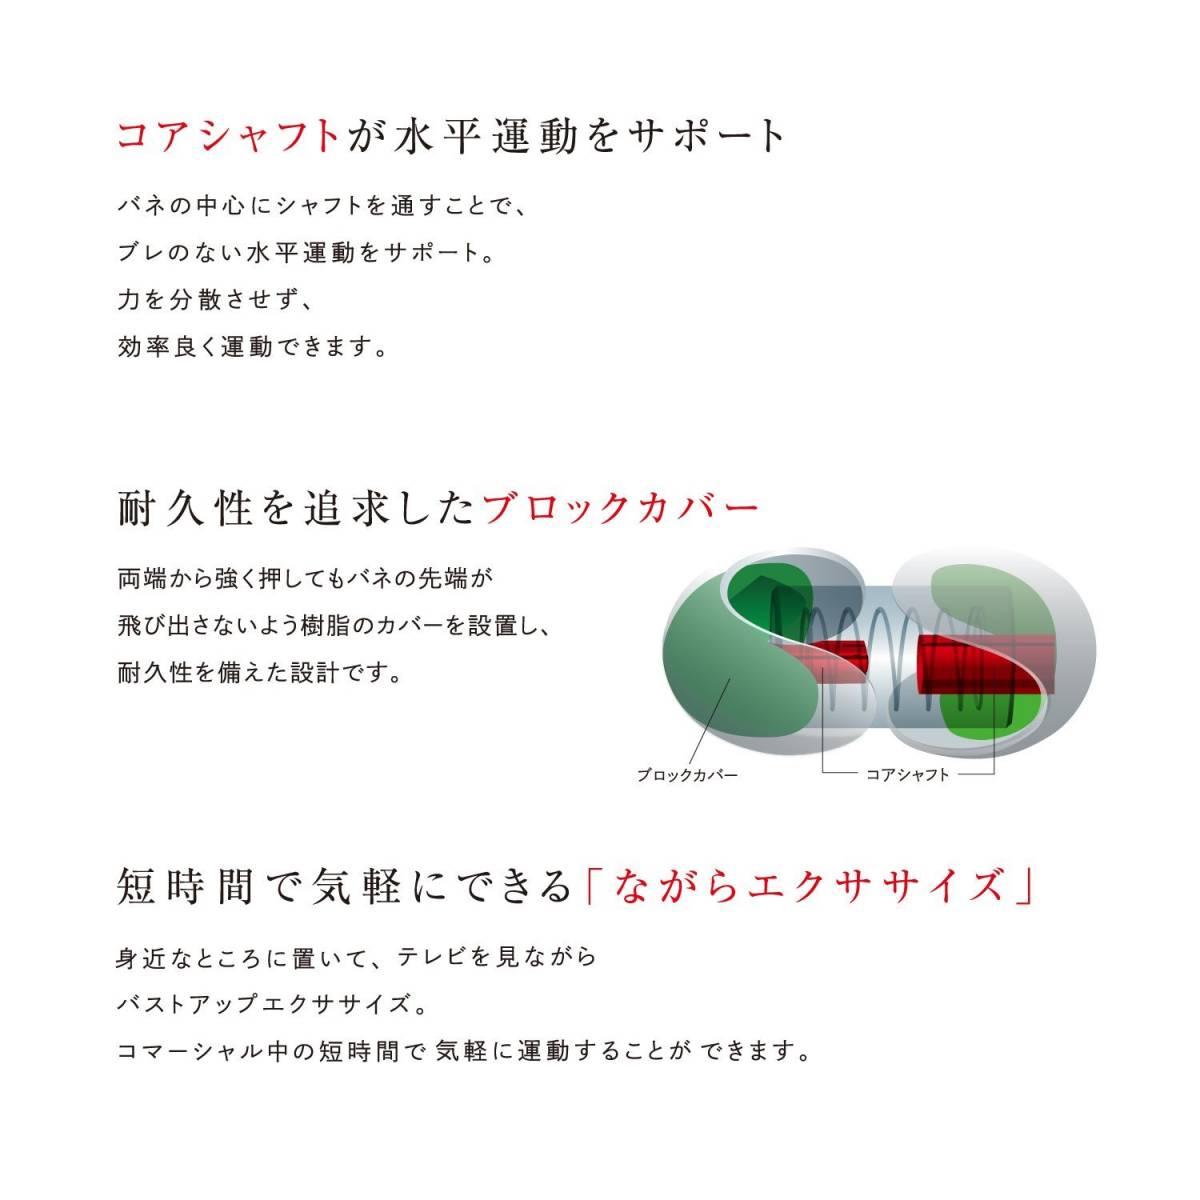 新品 定価5940円 MTG(エムティージー) アップレディ / レッド